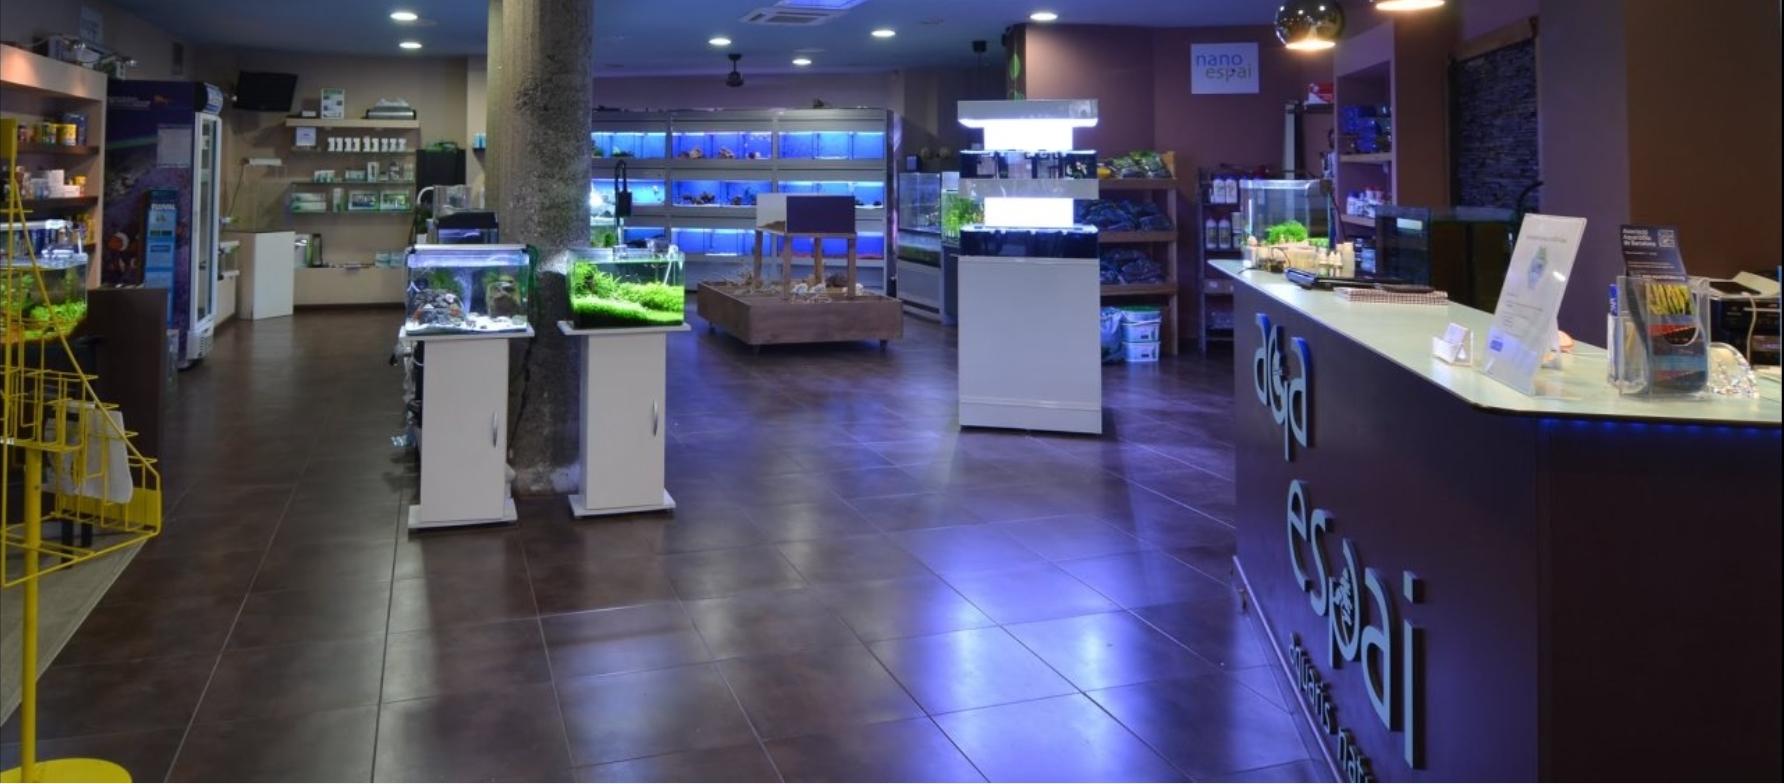 AQA Espai - Tienda de acuarios y peces tropicales en Barcelona